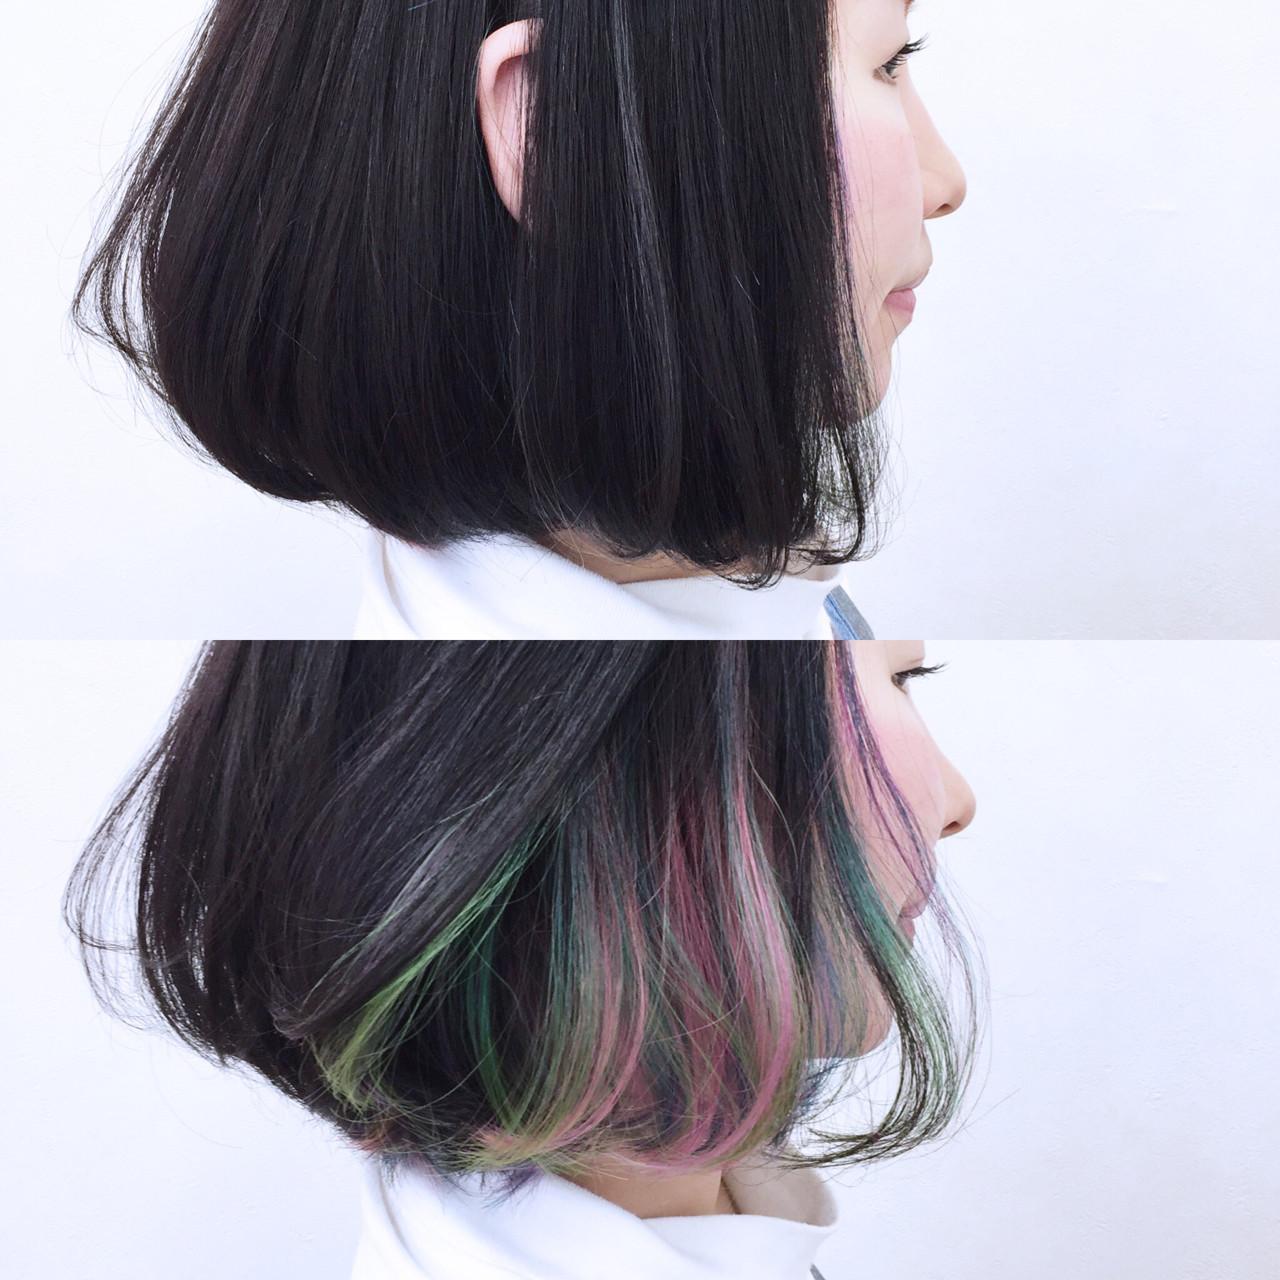 黒髪 カラフルカラー ボブ ストリート ヘアスタイルや髪型の写真・画像 | YSO / 電髪倶楽部street